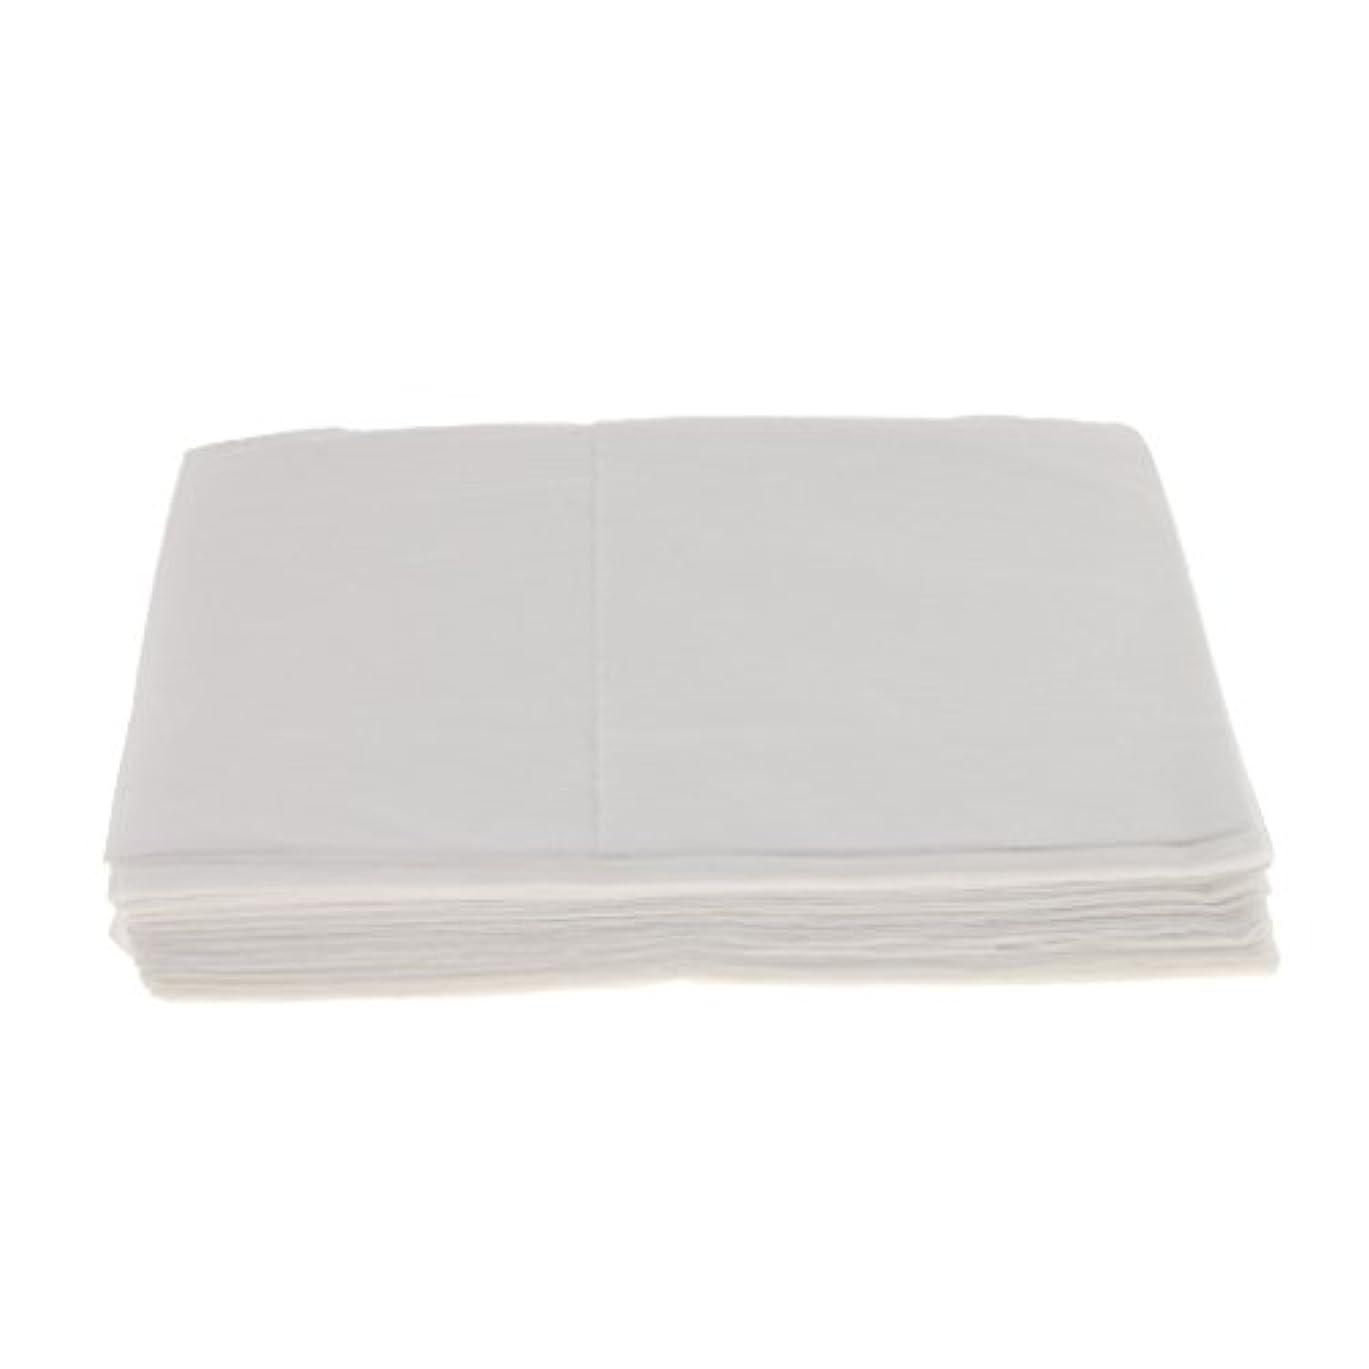 ベーリング海峡反逆失望10枚 使い捨て ベッドシーツ サロン ホテル ベッドパッド カバー シート 2色選べ - 白